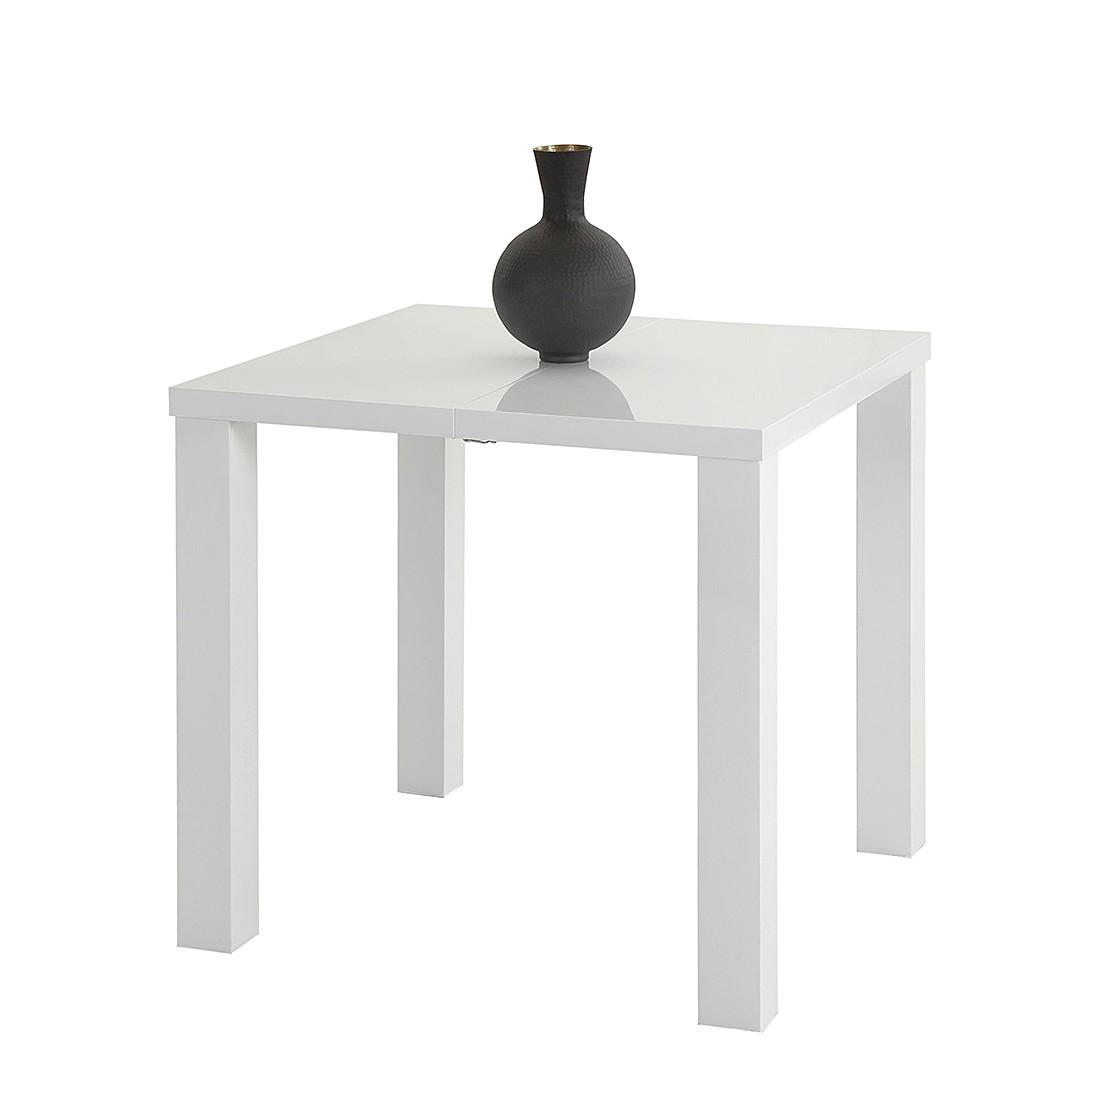 Esstisch Julian (mit Ausziehfunktion) – Hochglanz Weiß, Home Design günstig bestellen